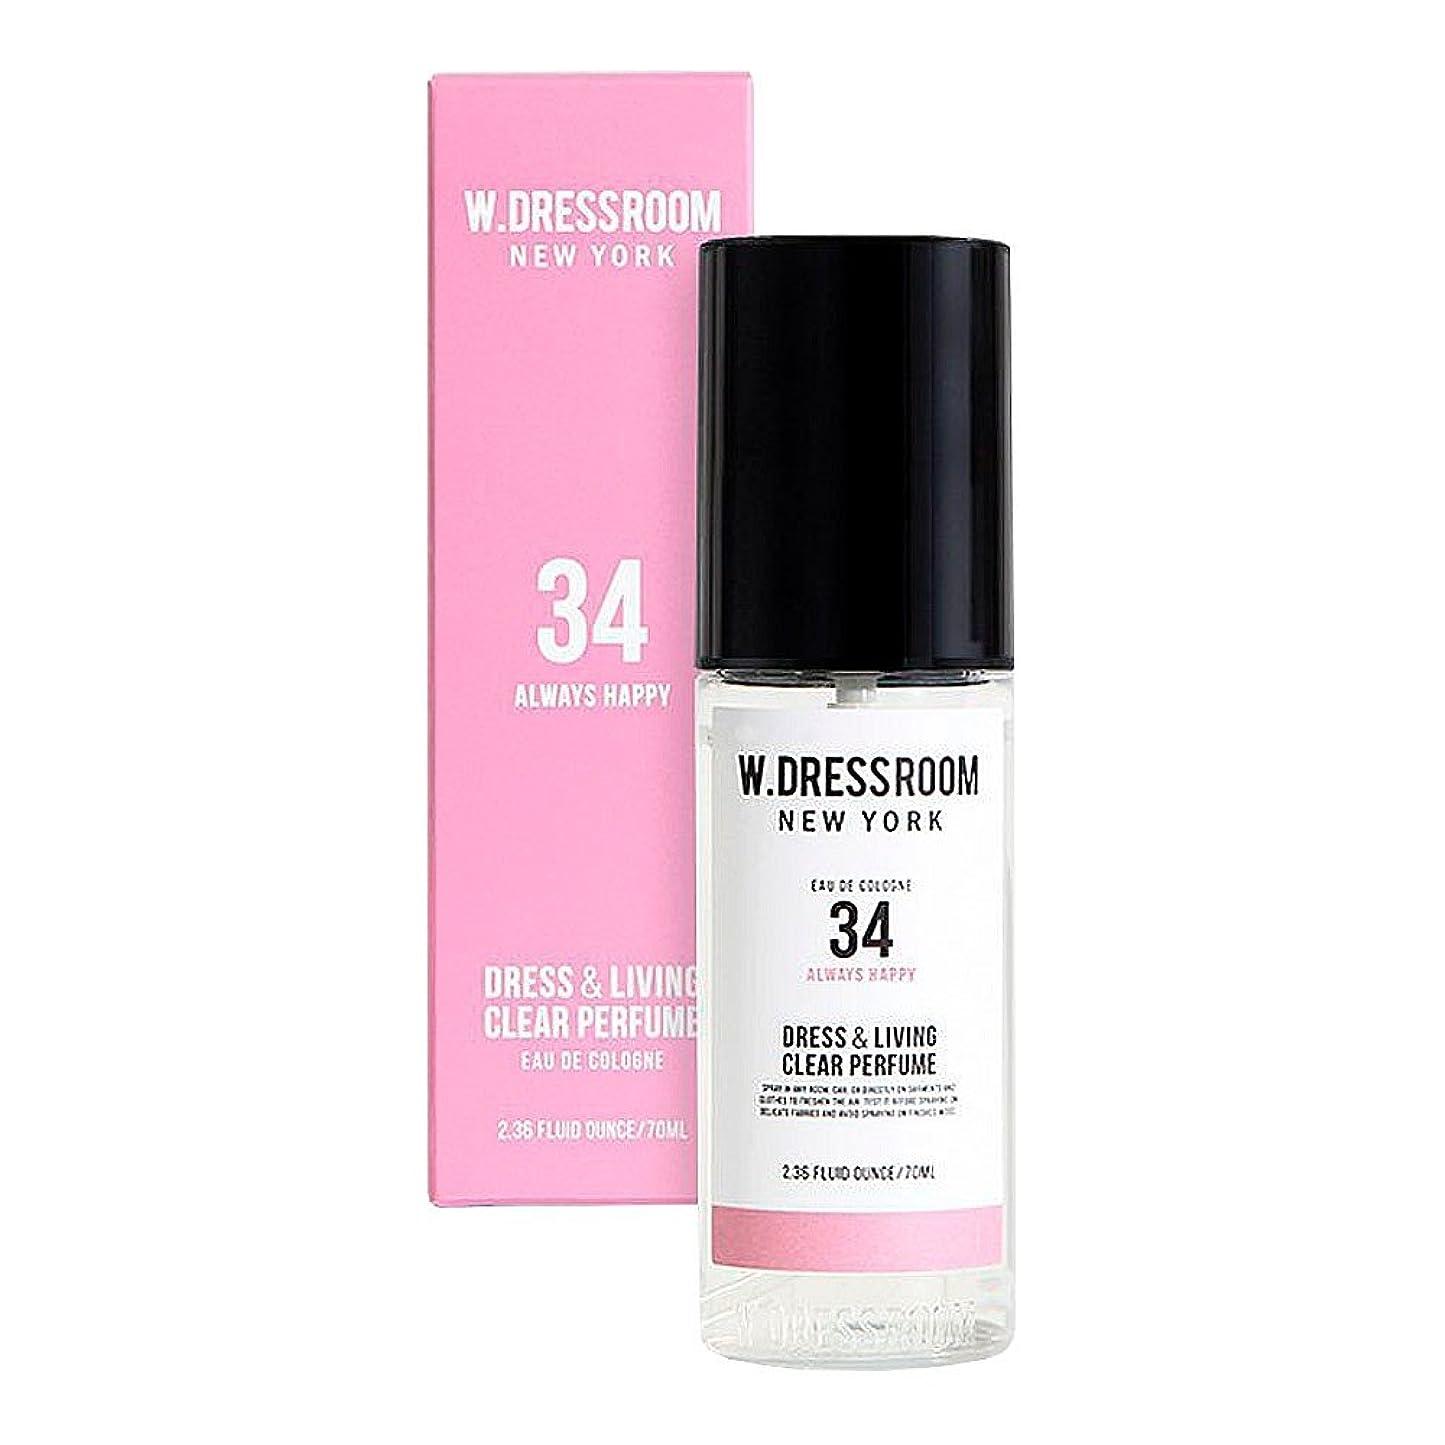 エチケット脇に誘導W.DRESSROOM Dress & Living Clear Perfume fragrance 70ml (#No.34 Always Happy)/ダブルドレスルーム ドレス&リビング クリア パフューム 70ml (#No.34 Always Happy)